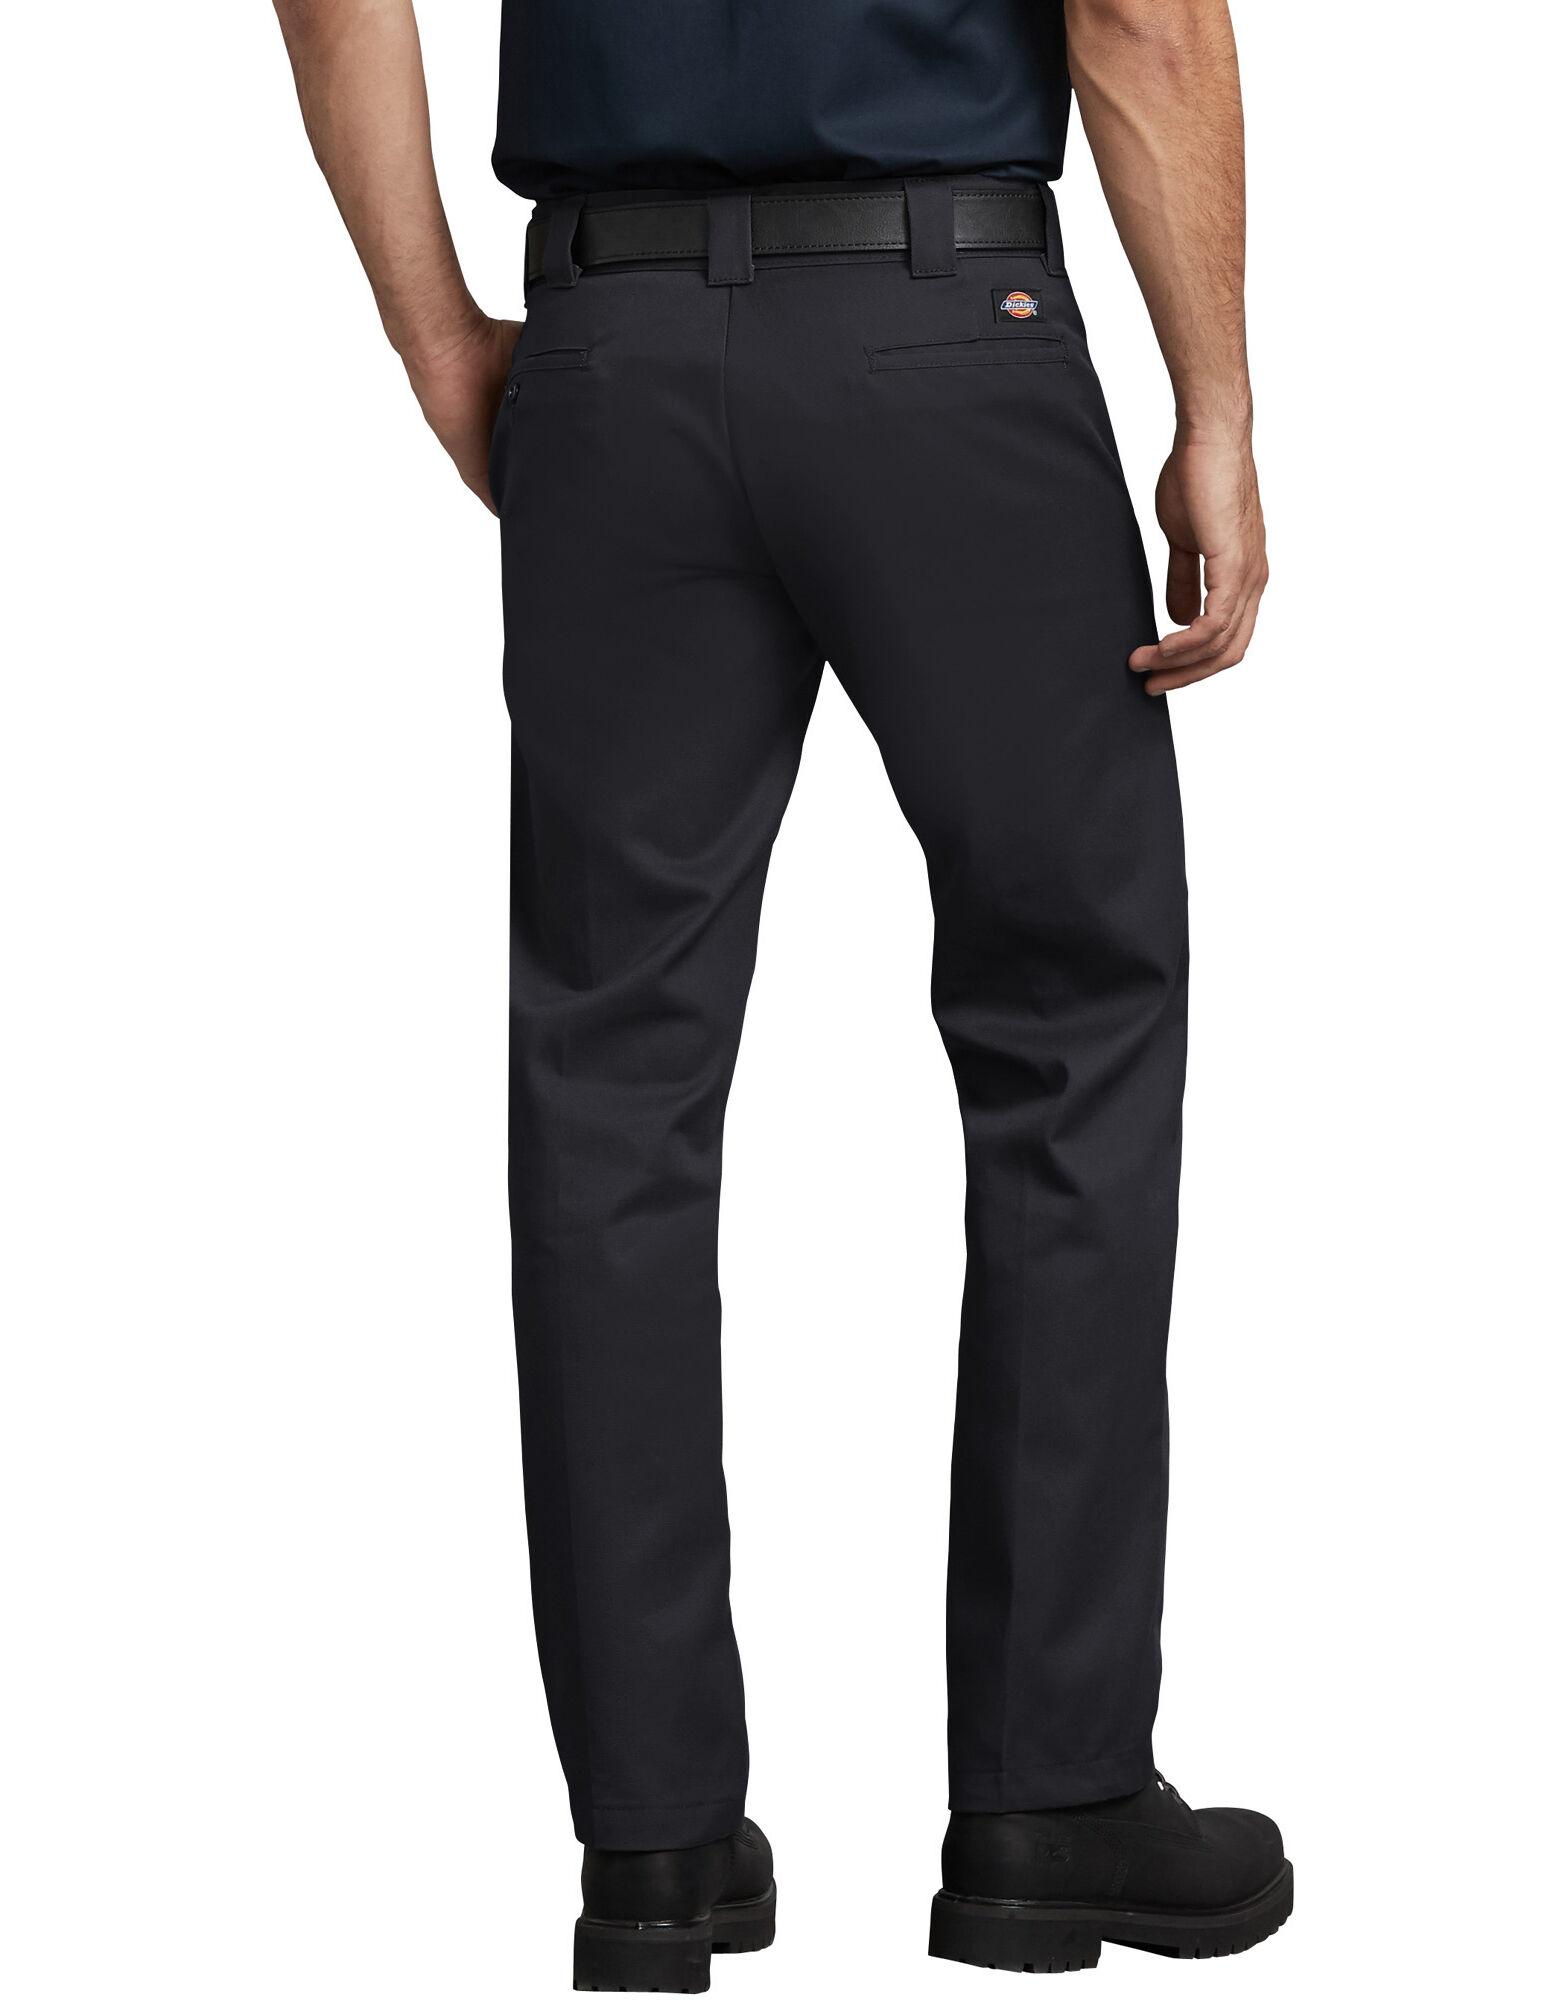 Popular Dickies Industrial Work Slim Fit Pants  Black